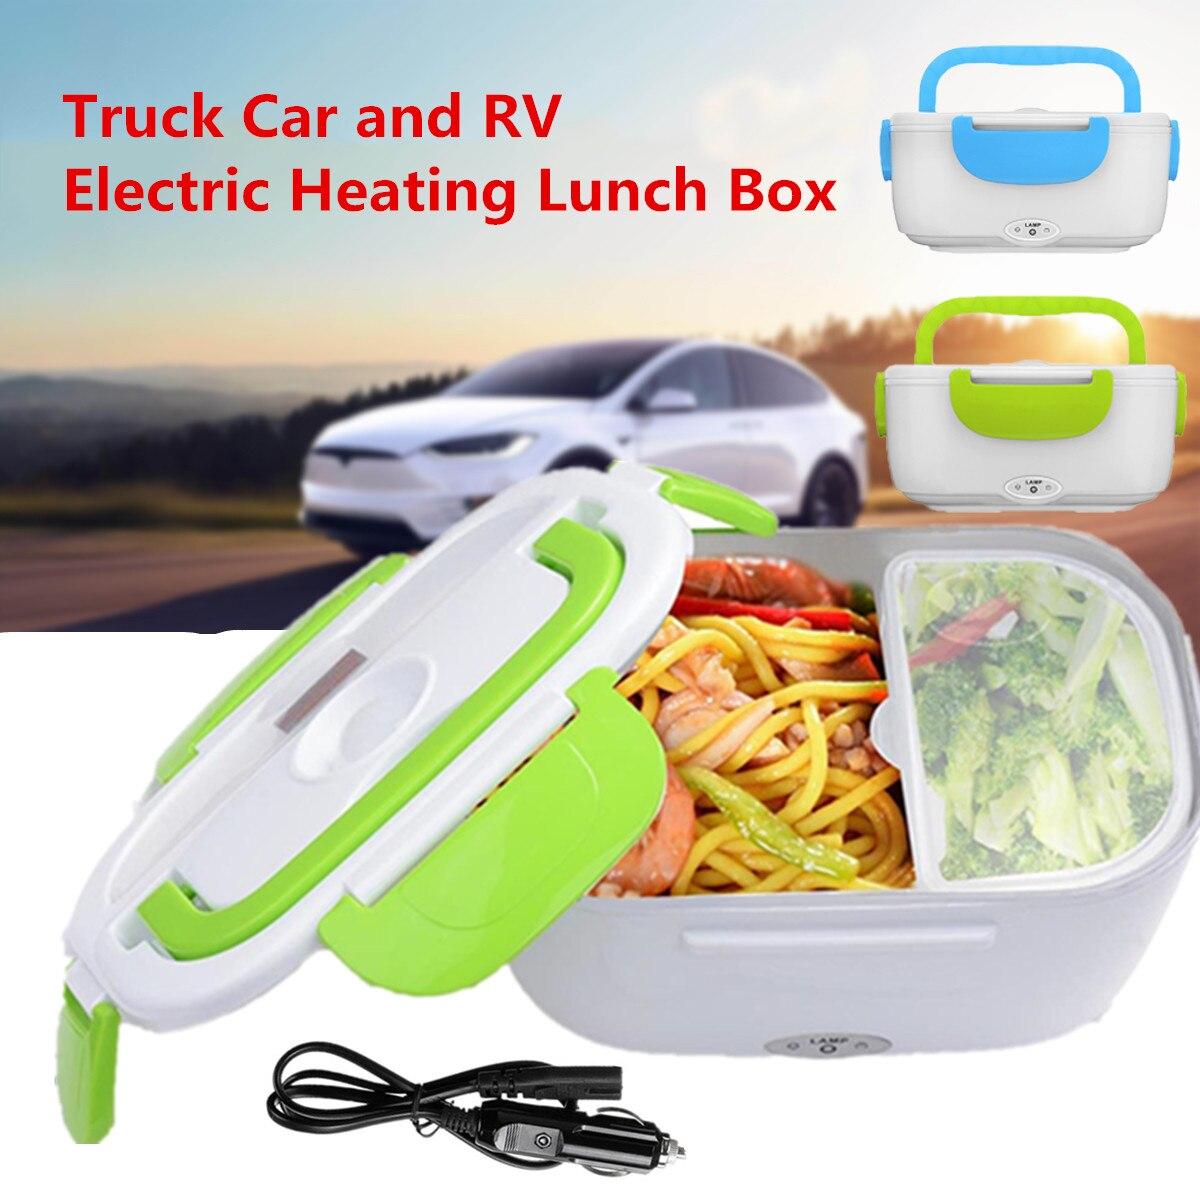 12-24V портативный Электрический авто с подогревом Ланч-бокс Bento коробки еда рисовый контейнер теплее для школы офиса дома столовая посуда